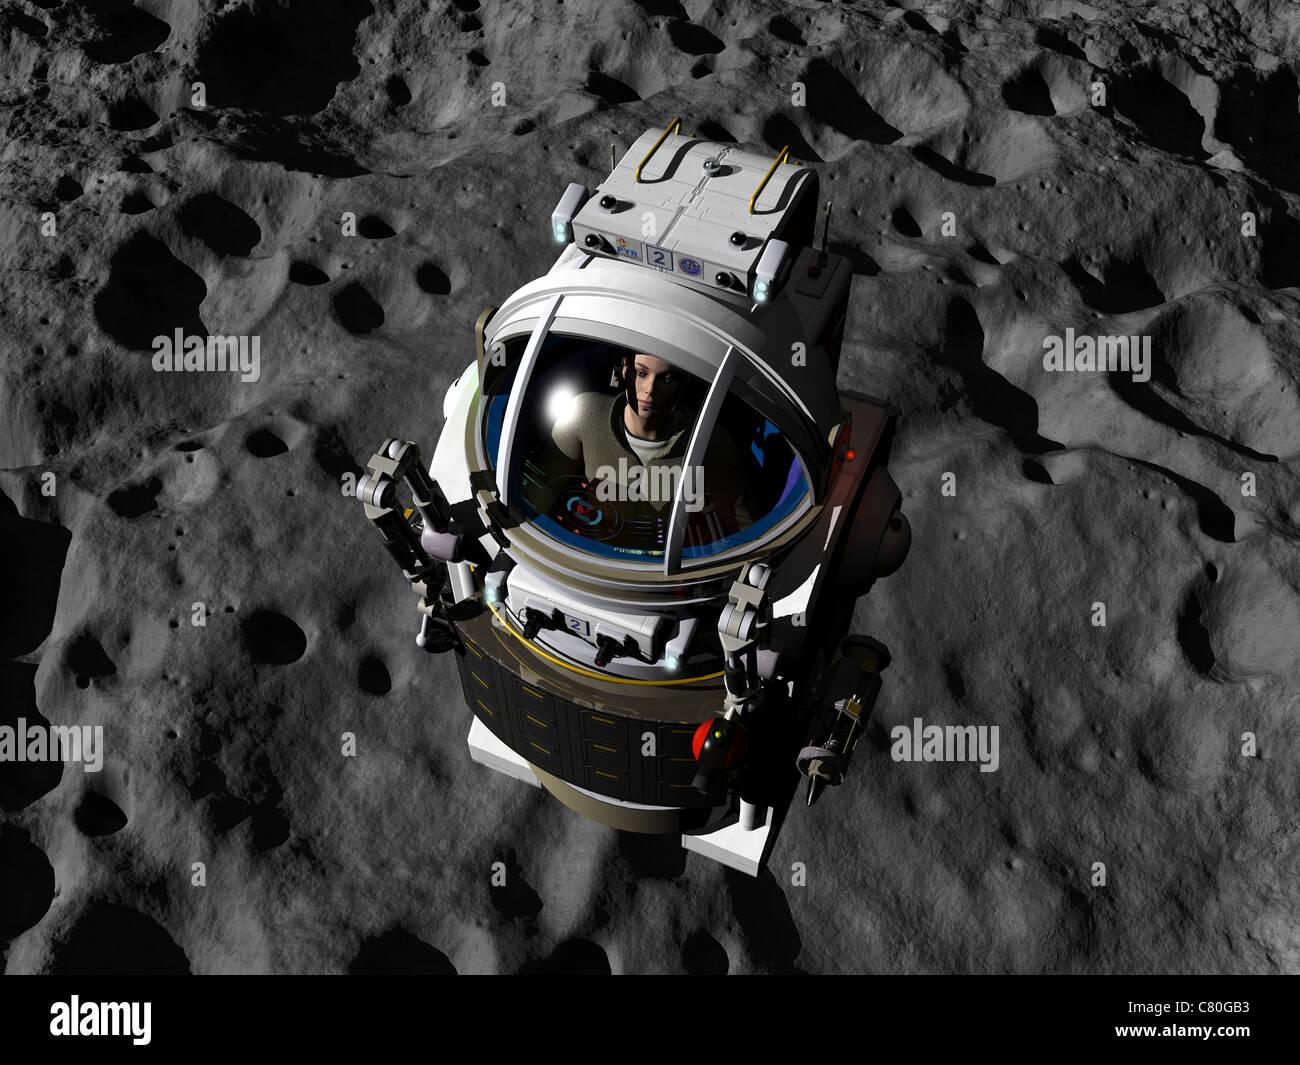 Un astronauta pilotando una dotación de maniobrar el vehículo sobre la superficie de un asteroide. Imagen De Stock